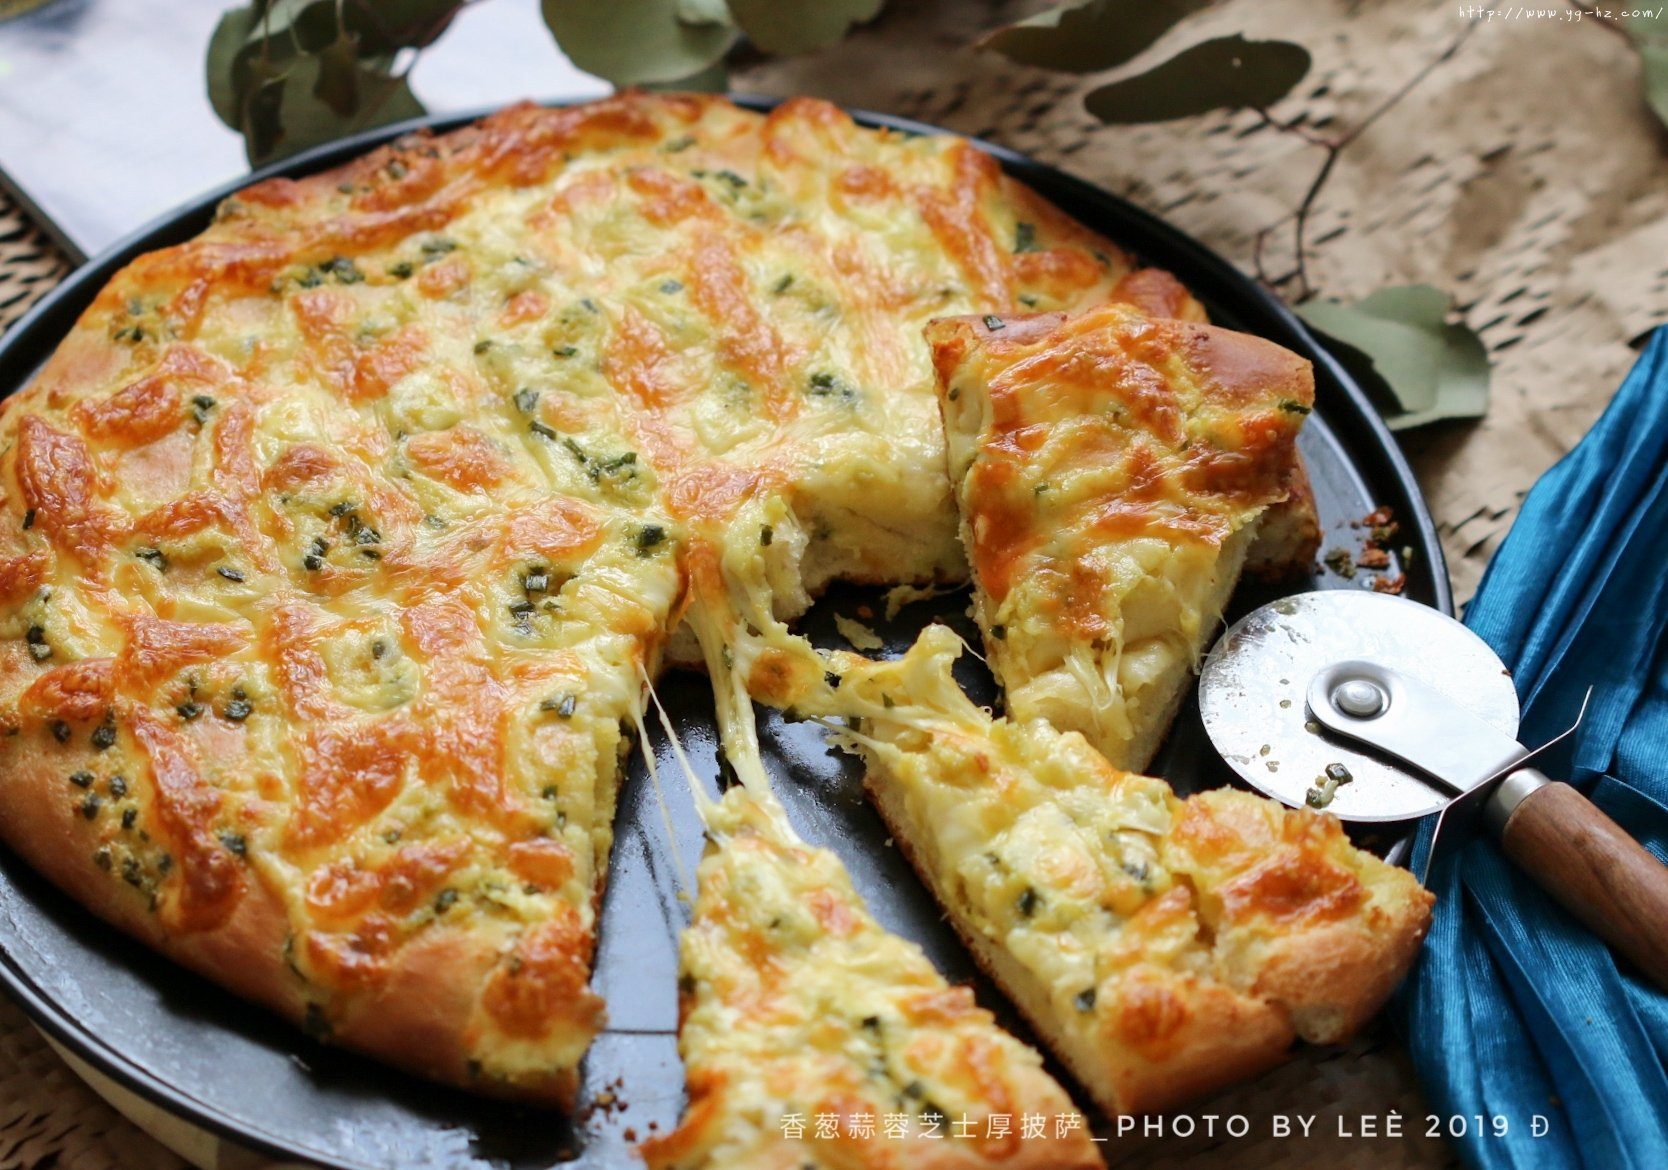 香葱蒜蓉芝士厚披萨的做法